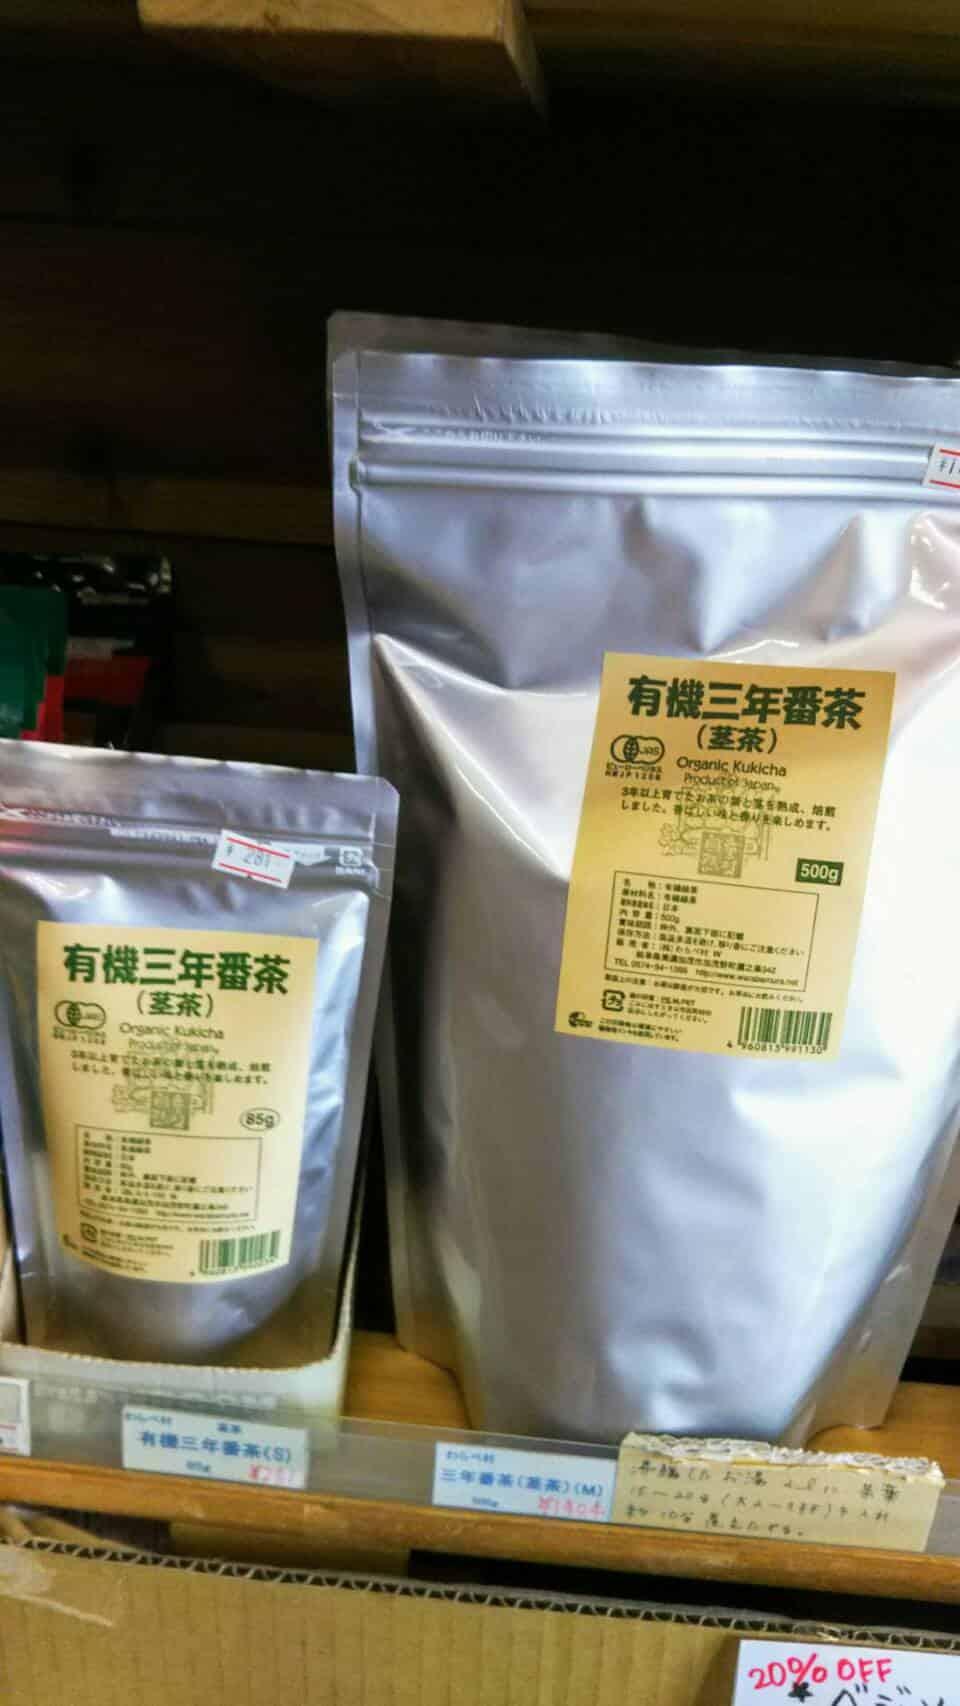 わらべ村 有機三年番茶